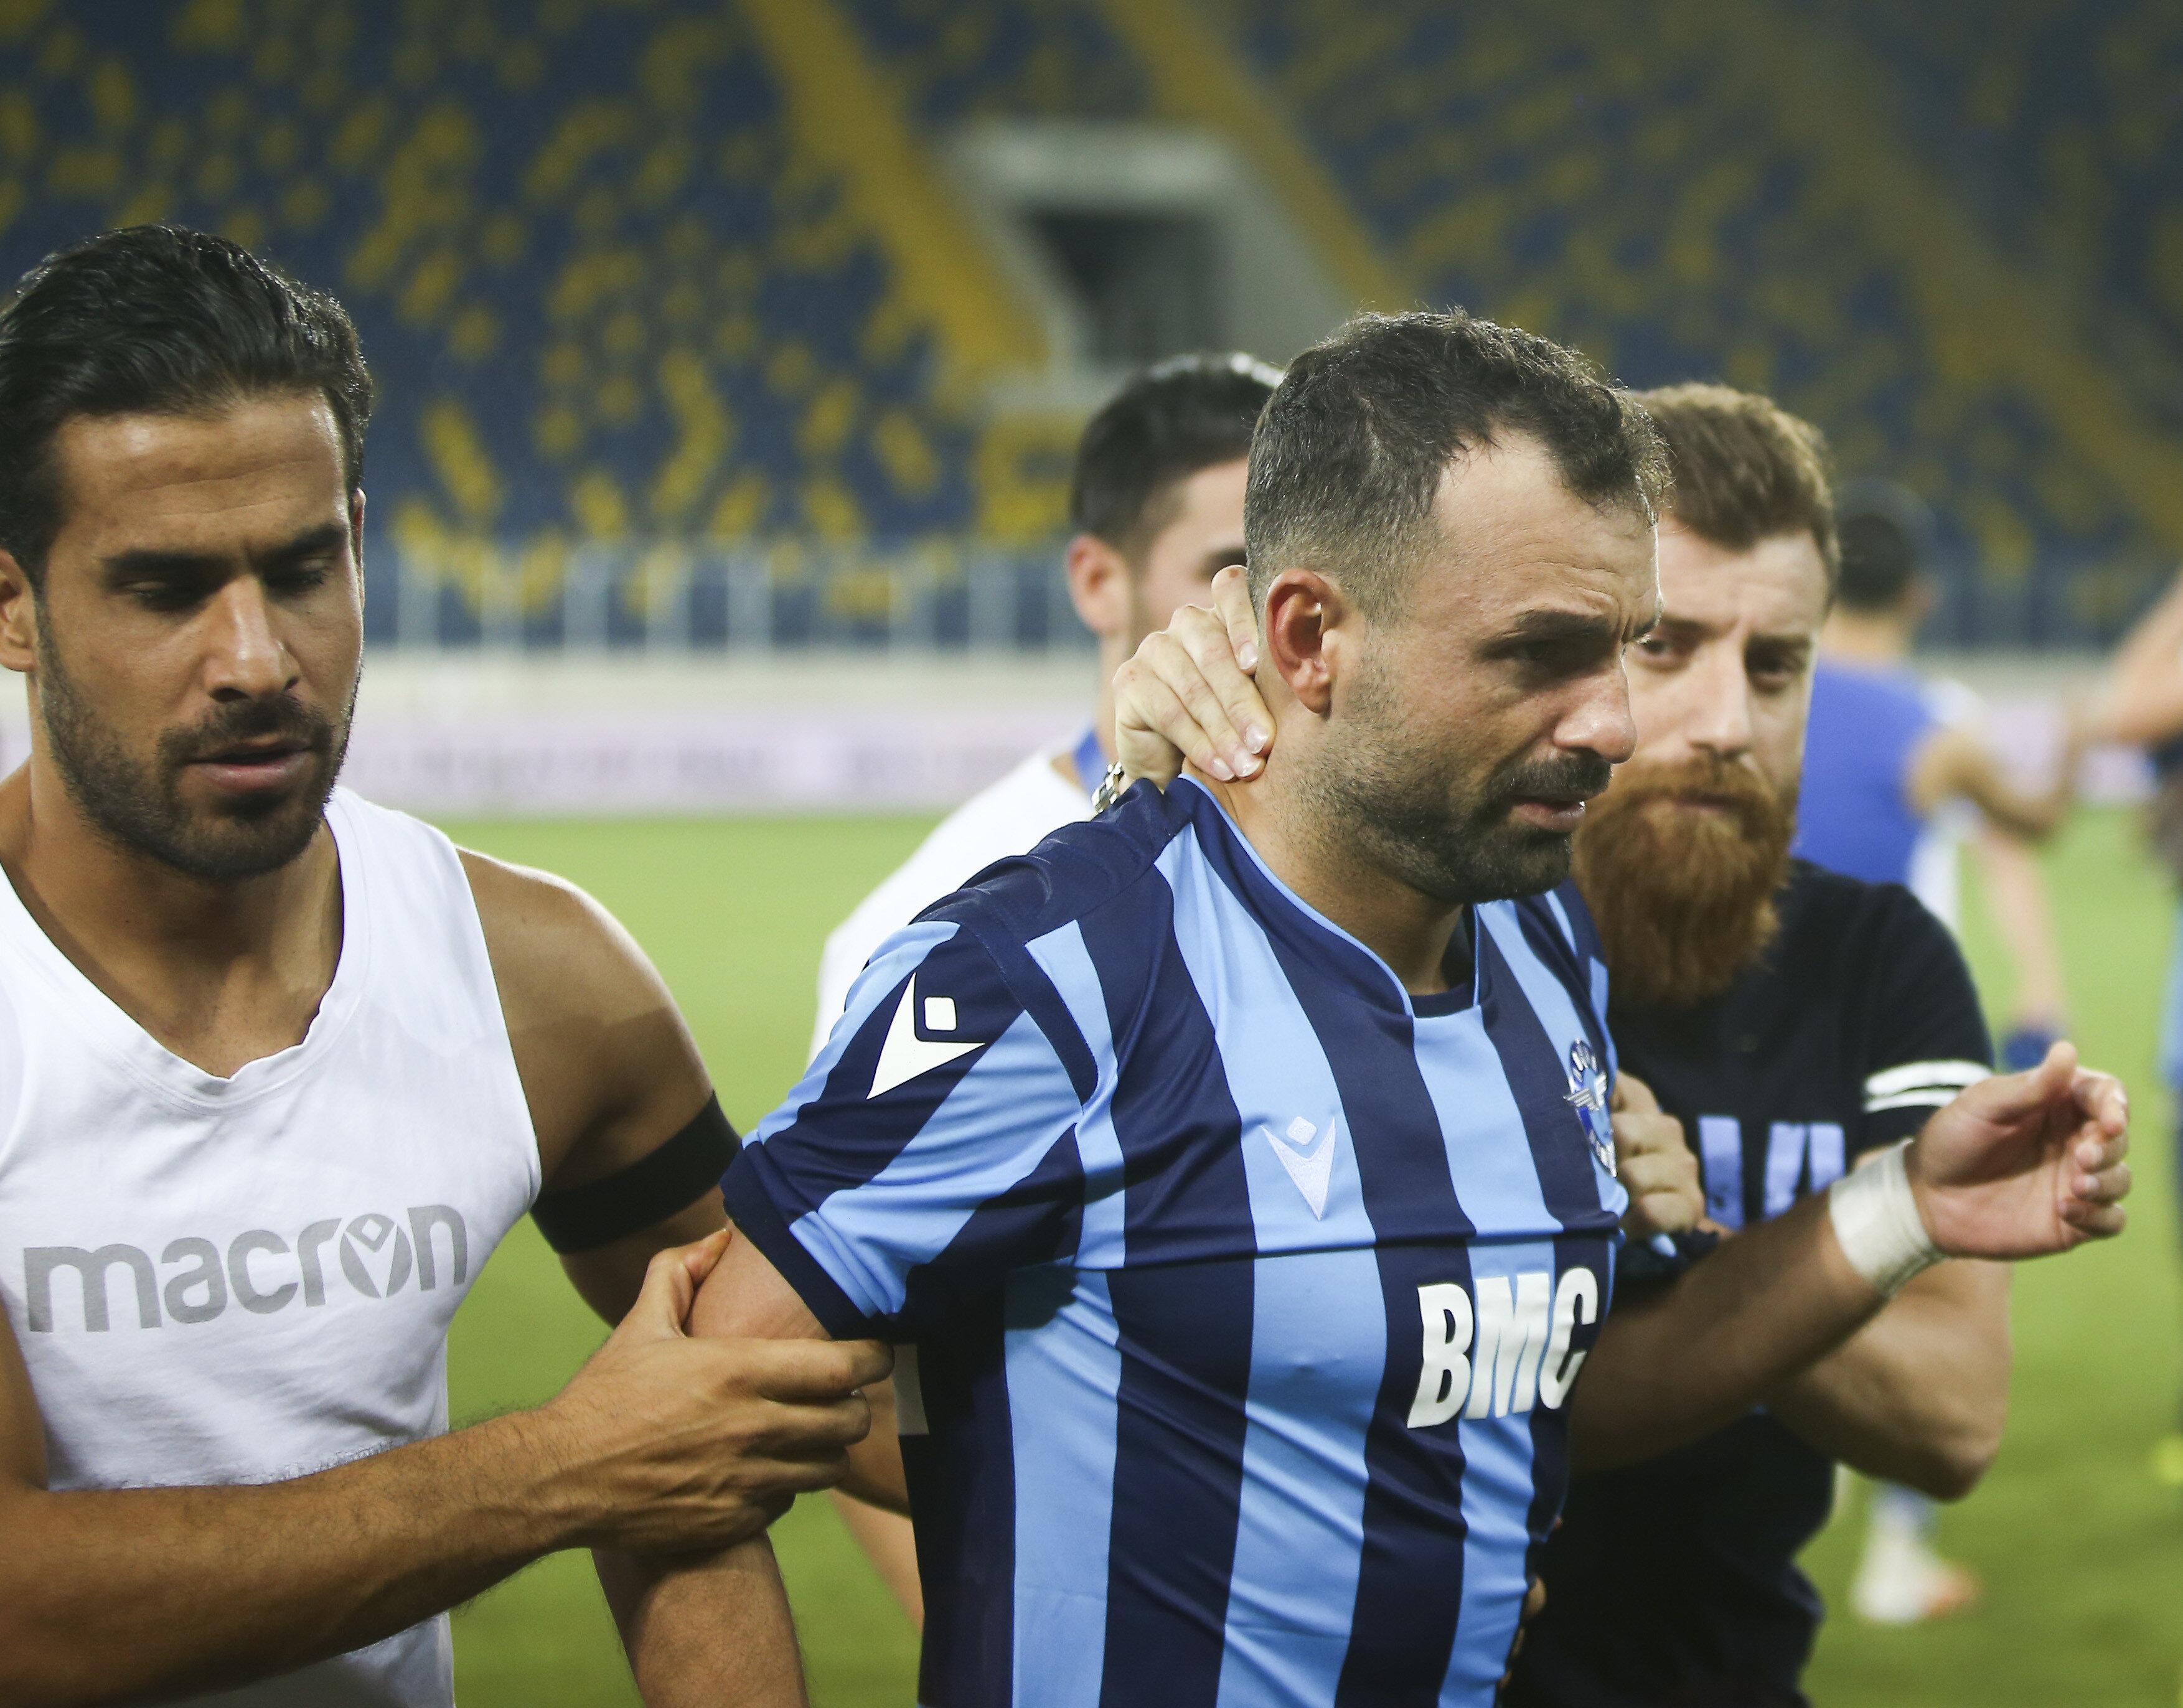 FF 1. Lig play-off finalinde Adana Demirspor ile Fatih Karagümrük, Eryaman Stadı'nda karşılaştı. Normal süresi ve uzatma bölümleri 1-1 tamamlanan maçta Fatih Karagümrük, Adana Demirspor'a penaltılarda 6-5 üstünlük sağlayarak Süper Lig'e yükseldi. Maç sonunda Adana Demirsporlu oyuncular üzüntü yaşadı.